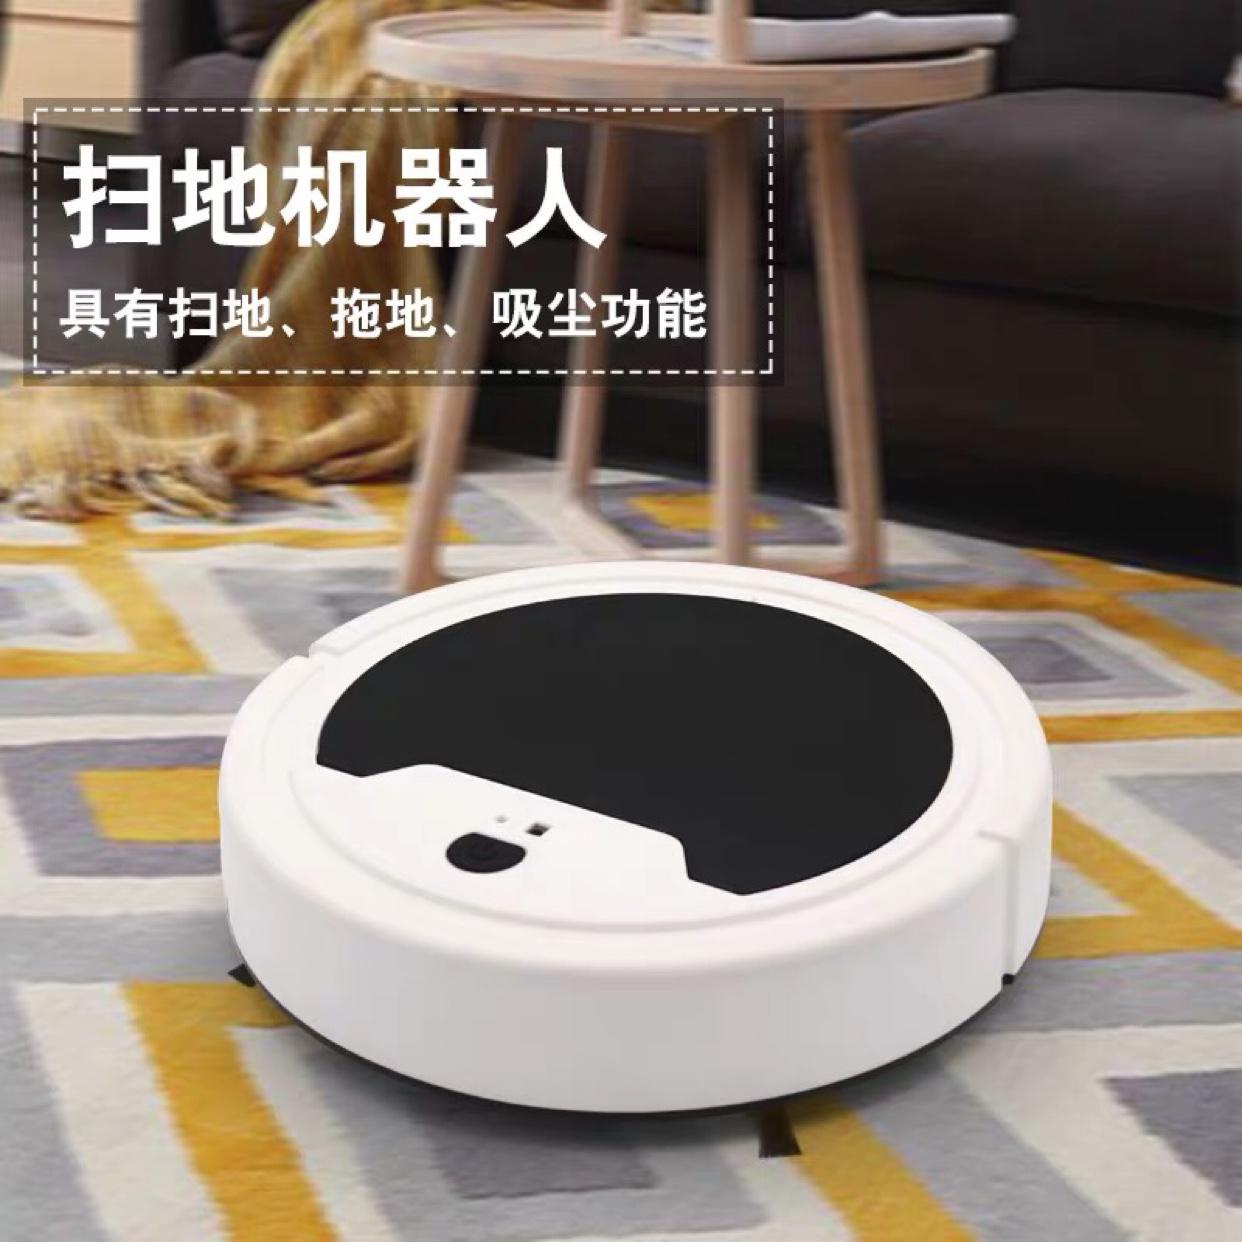 【一年质保只换不修】智能家用扫地机器人扫拖一体静音全自动扫地